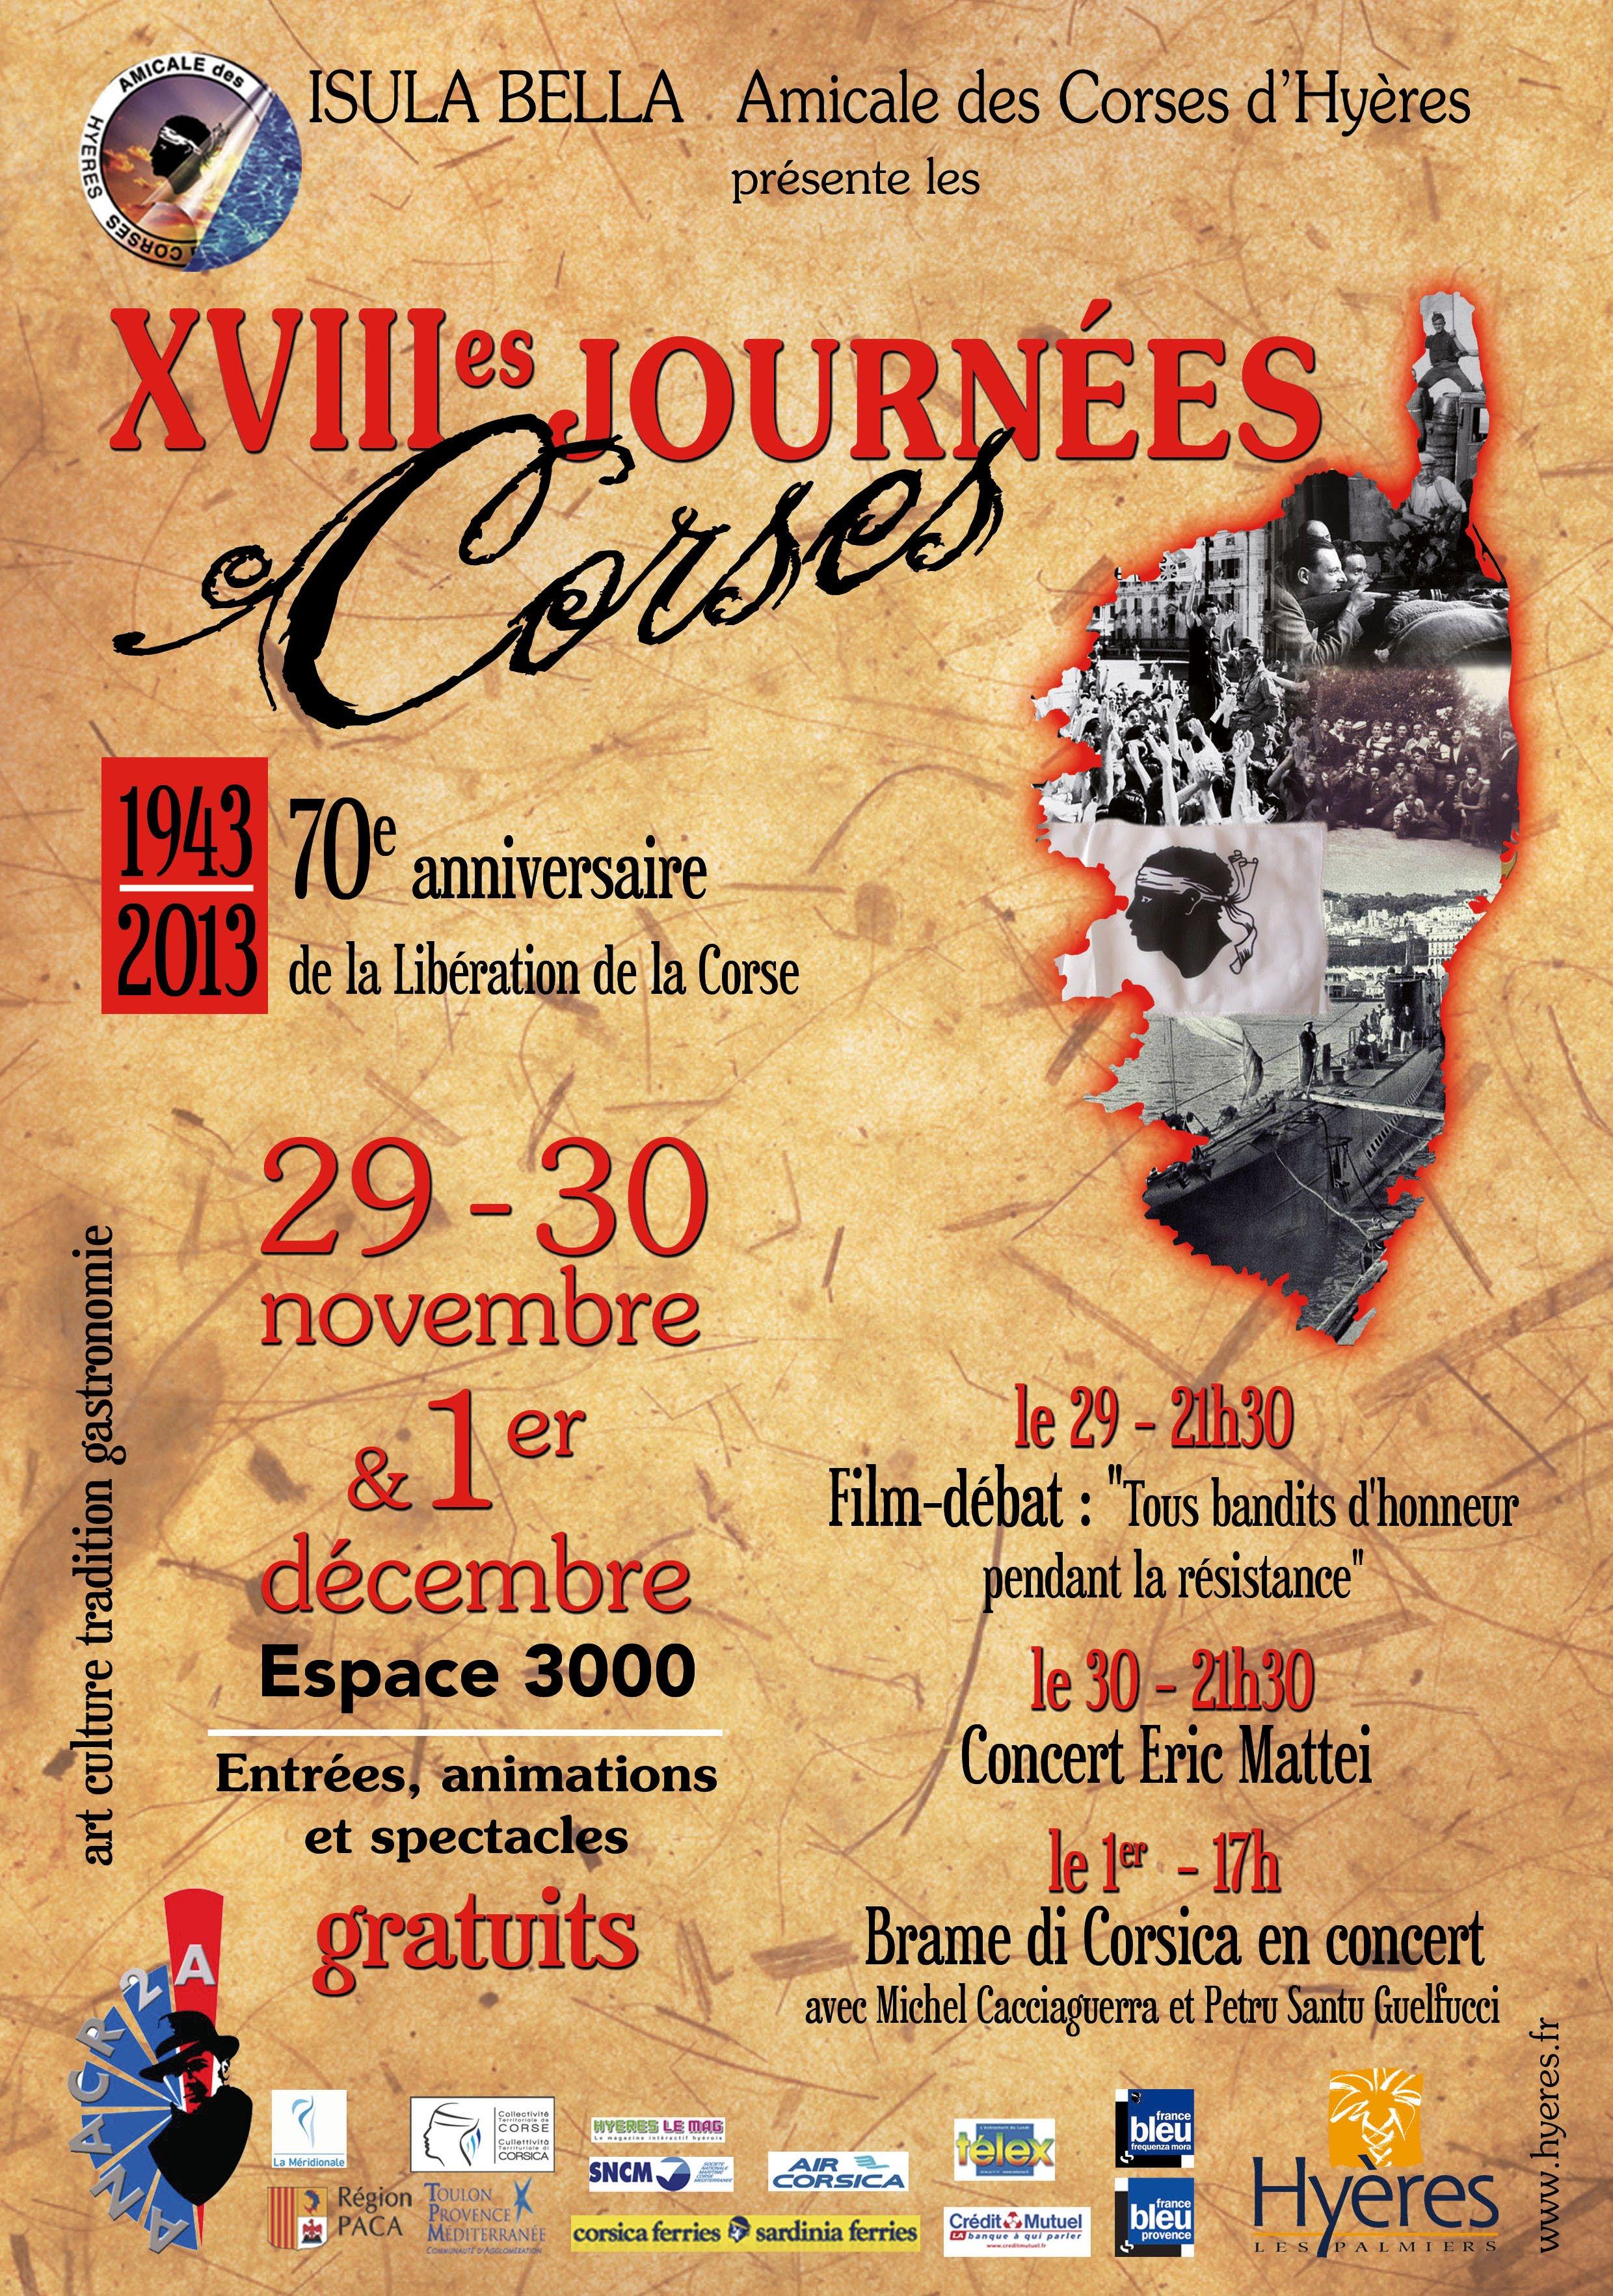 Iula Bella prépare les 18èmes journées corses de Hyères